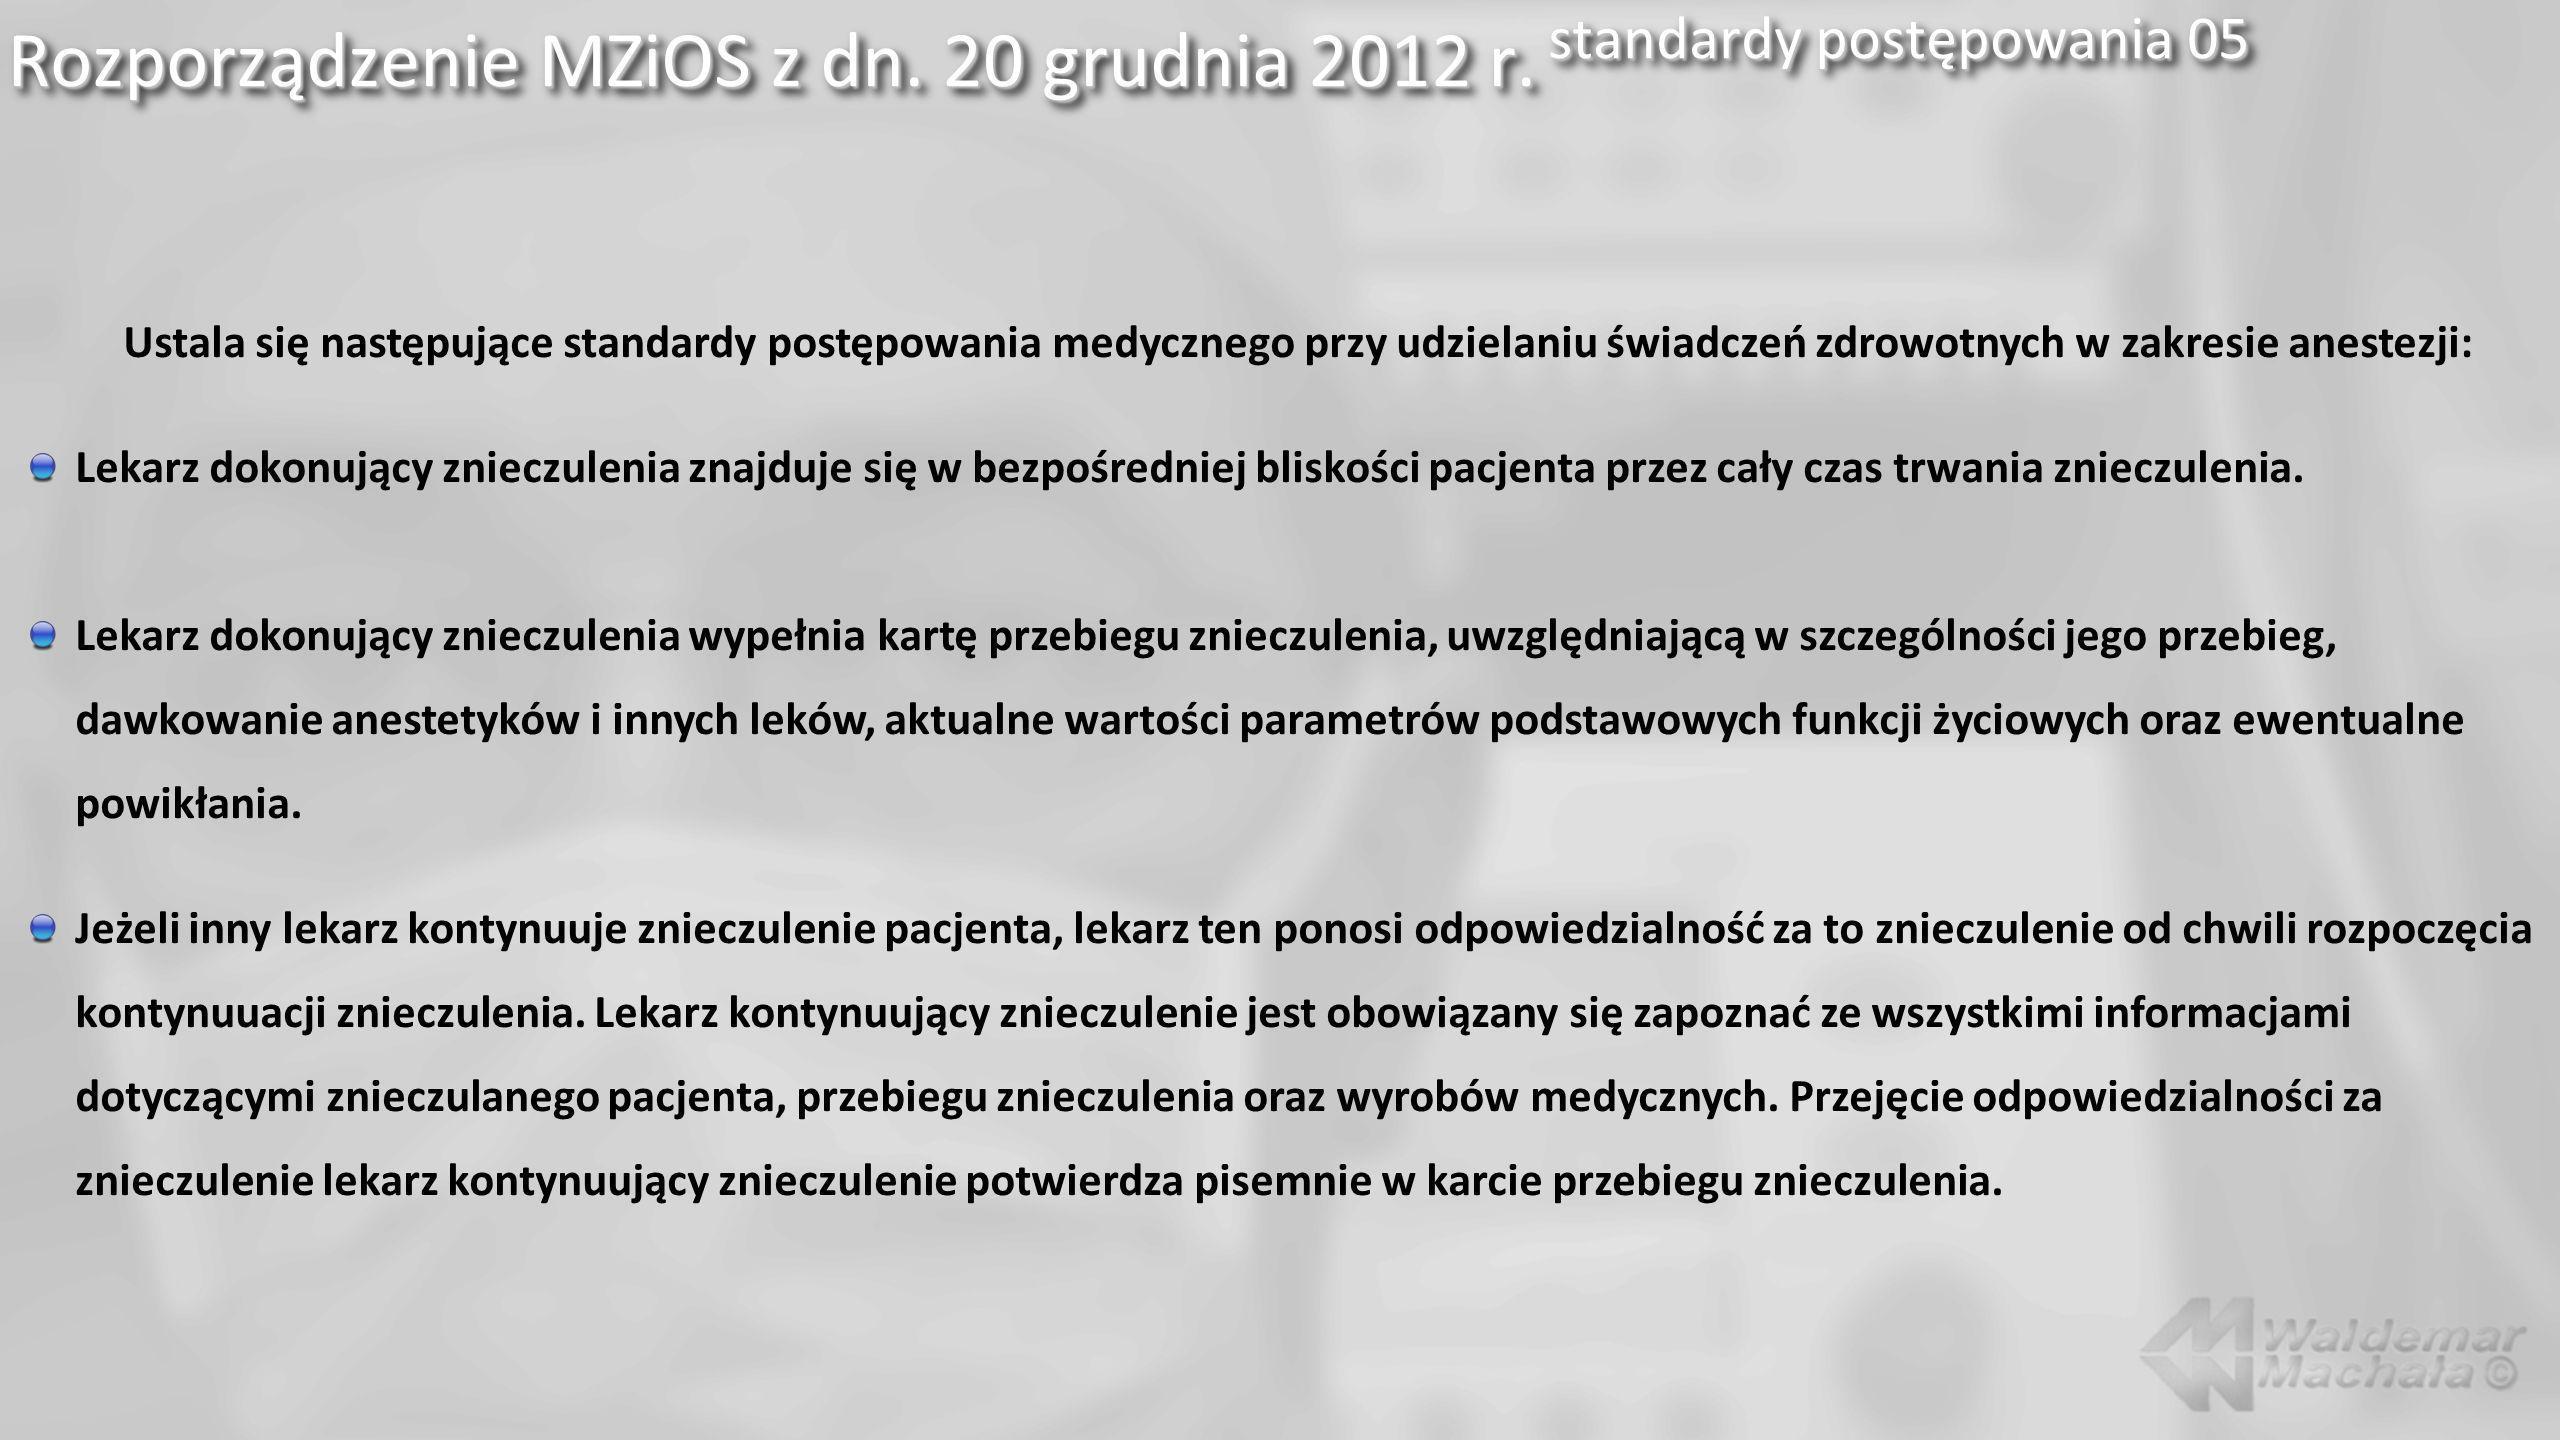 Rozporządzenie MZiOS z dn. 20 grudnia 2012 r. standardy postępowania 05